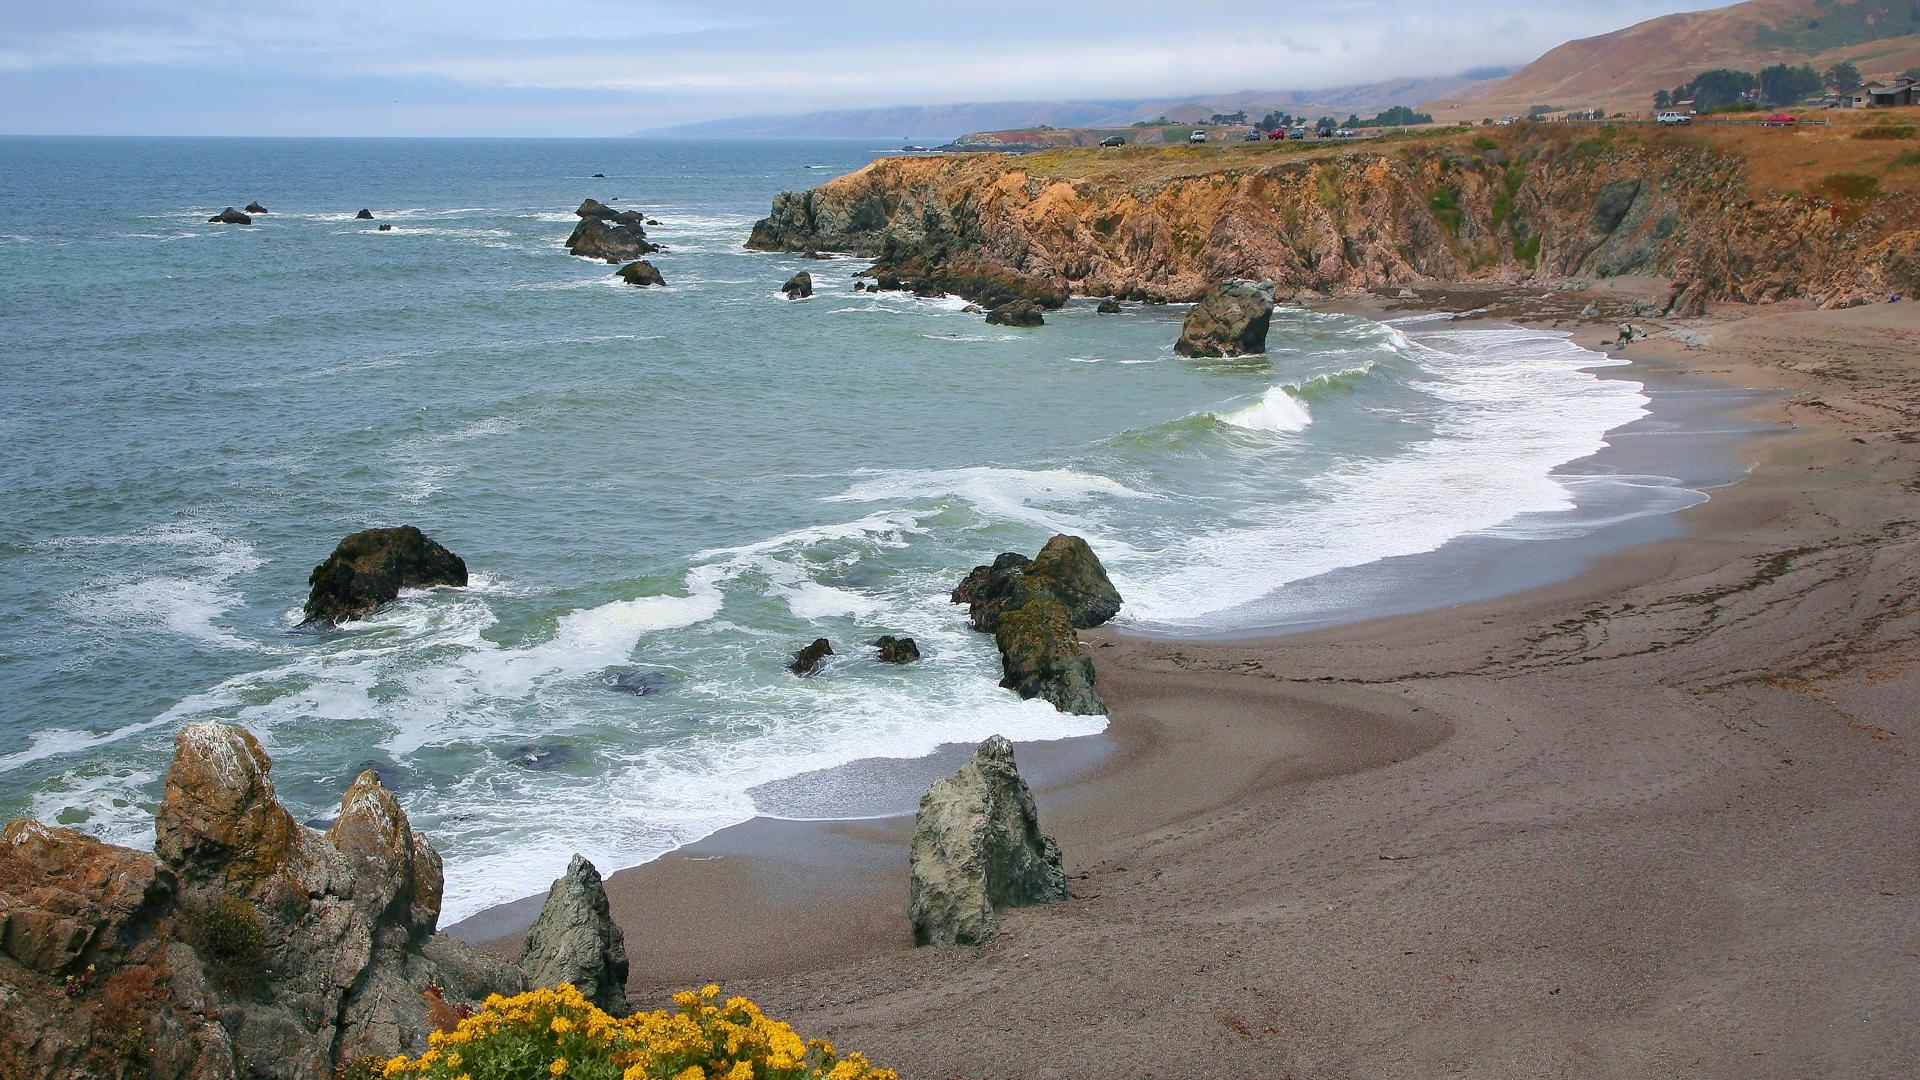 Schoolhouse Beach California wallpaper   87088 1920x1080